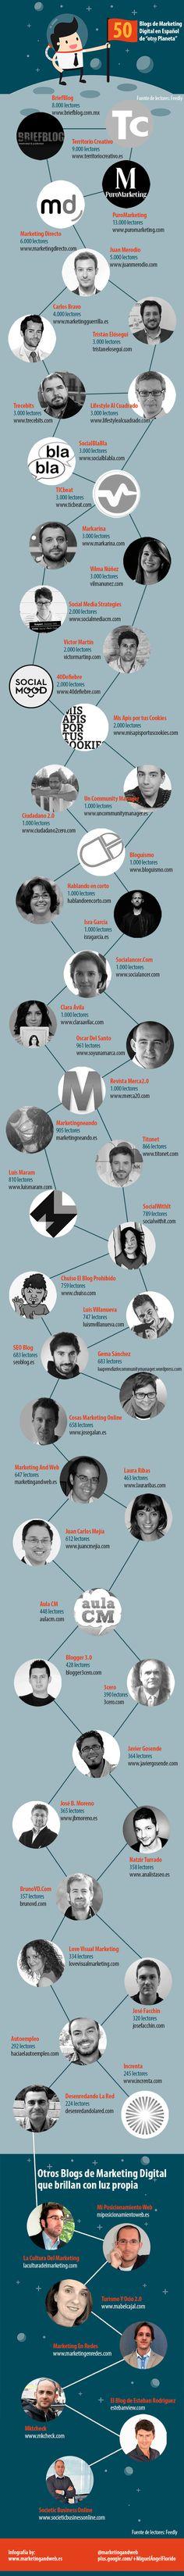 Infografía con los mejores blogs de marketing digital en español